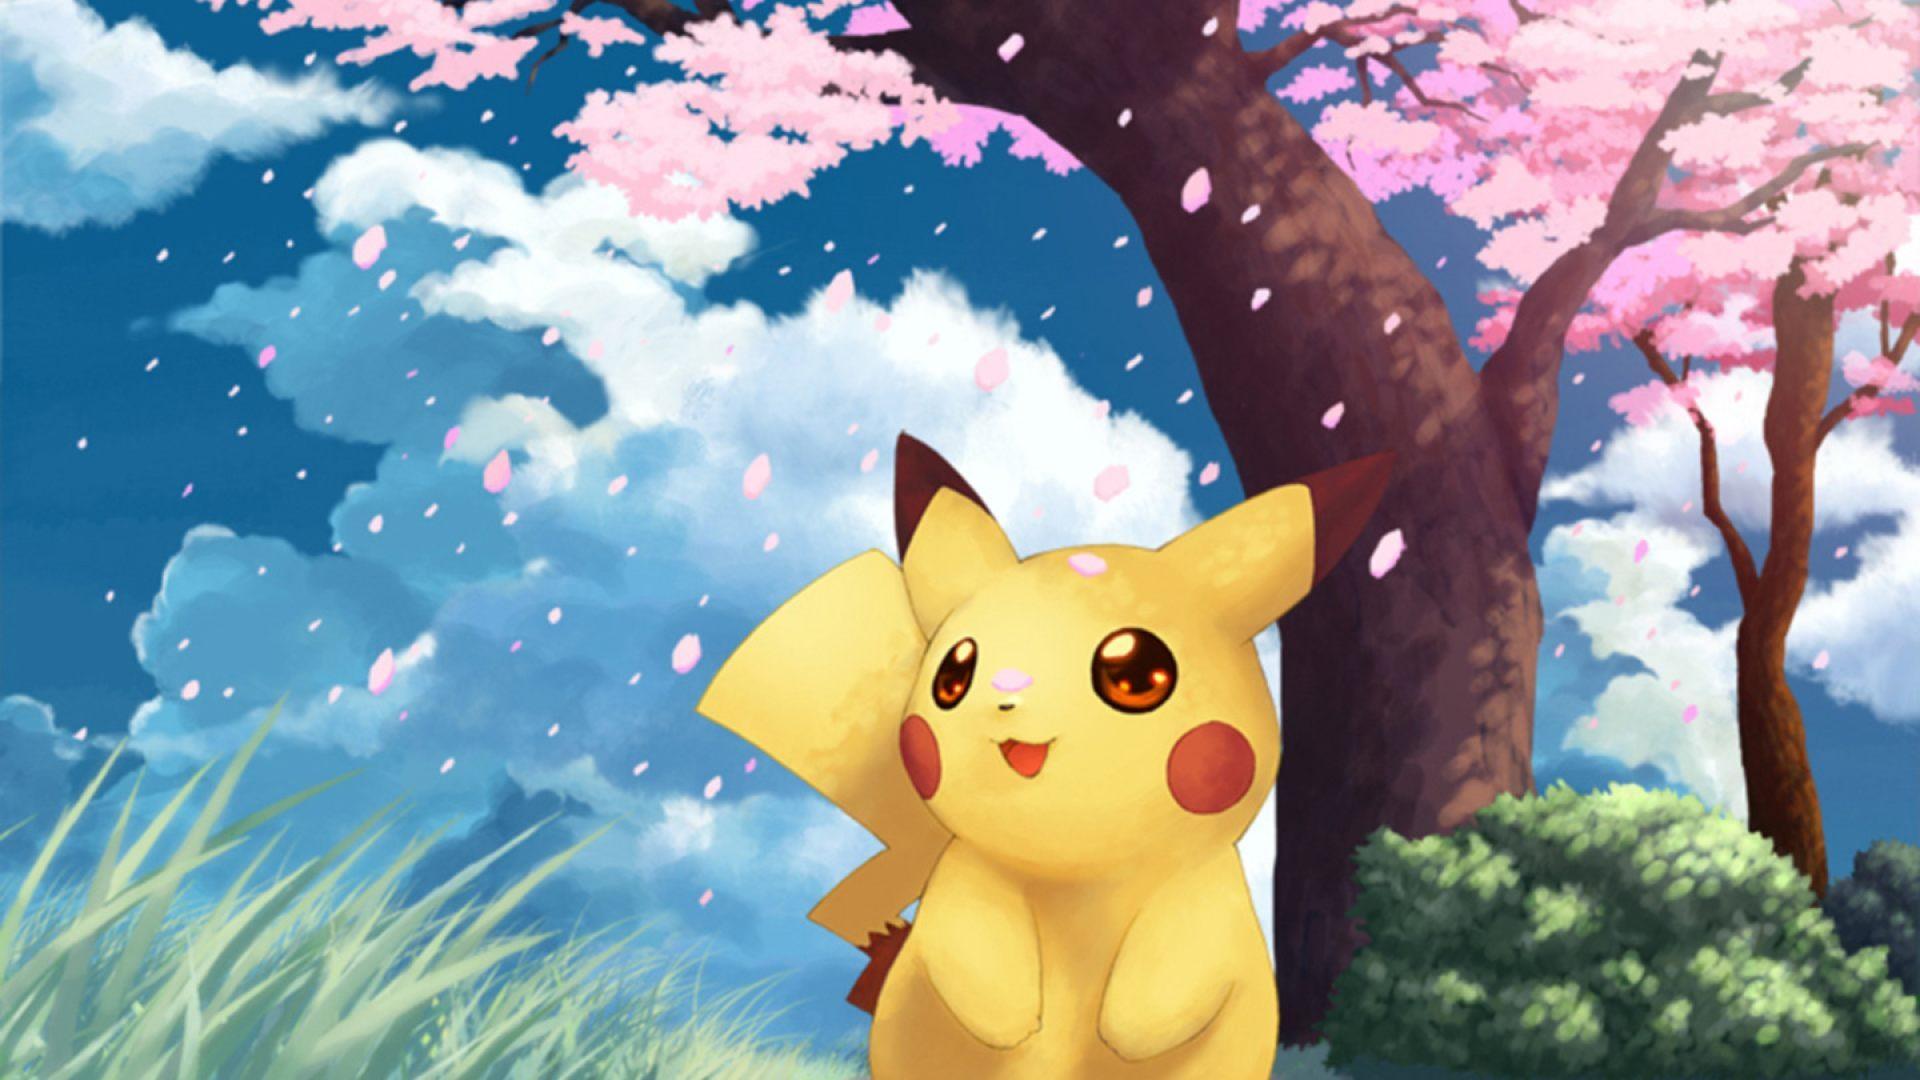 Pikachu   1920x1080 1920x1080